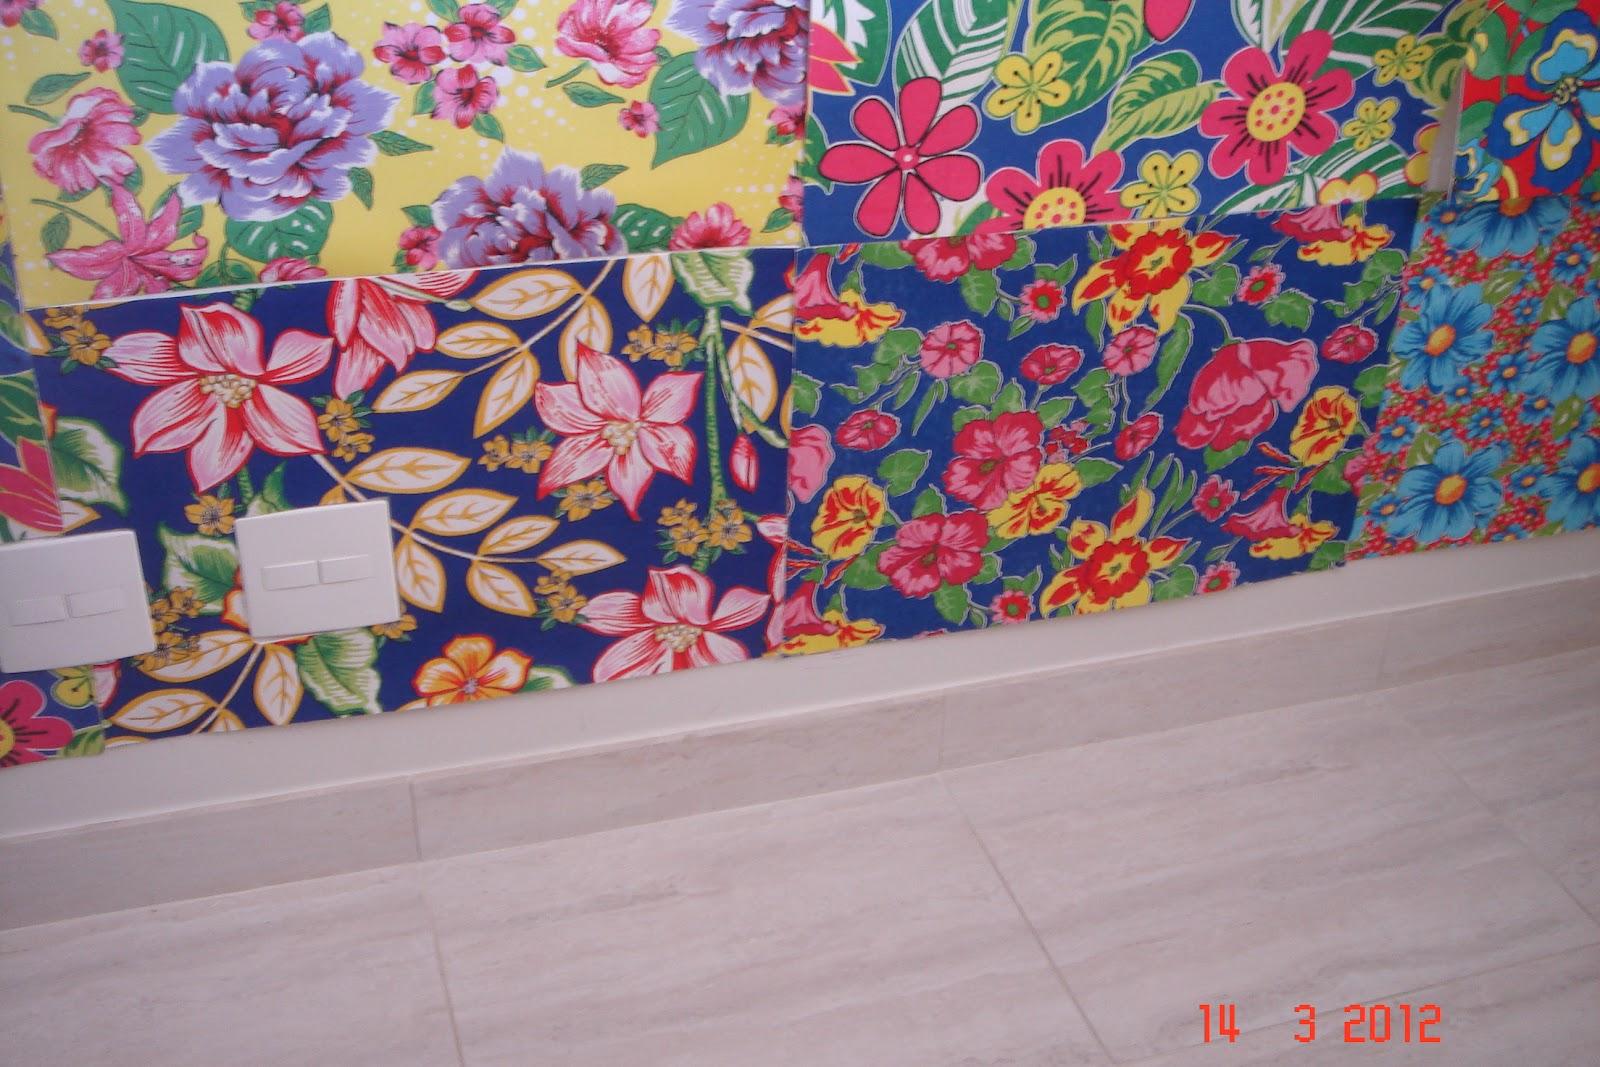 Decora o artesanal mural de chita for Mural de isopor e eva